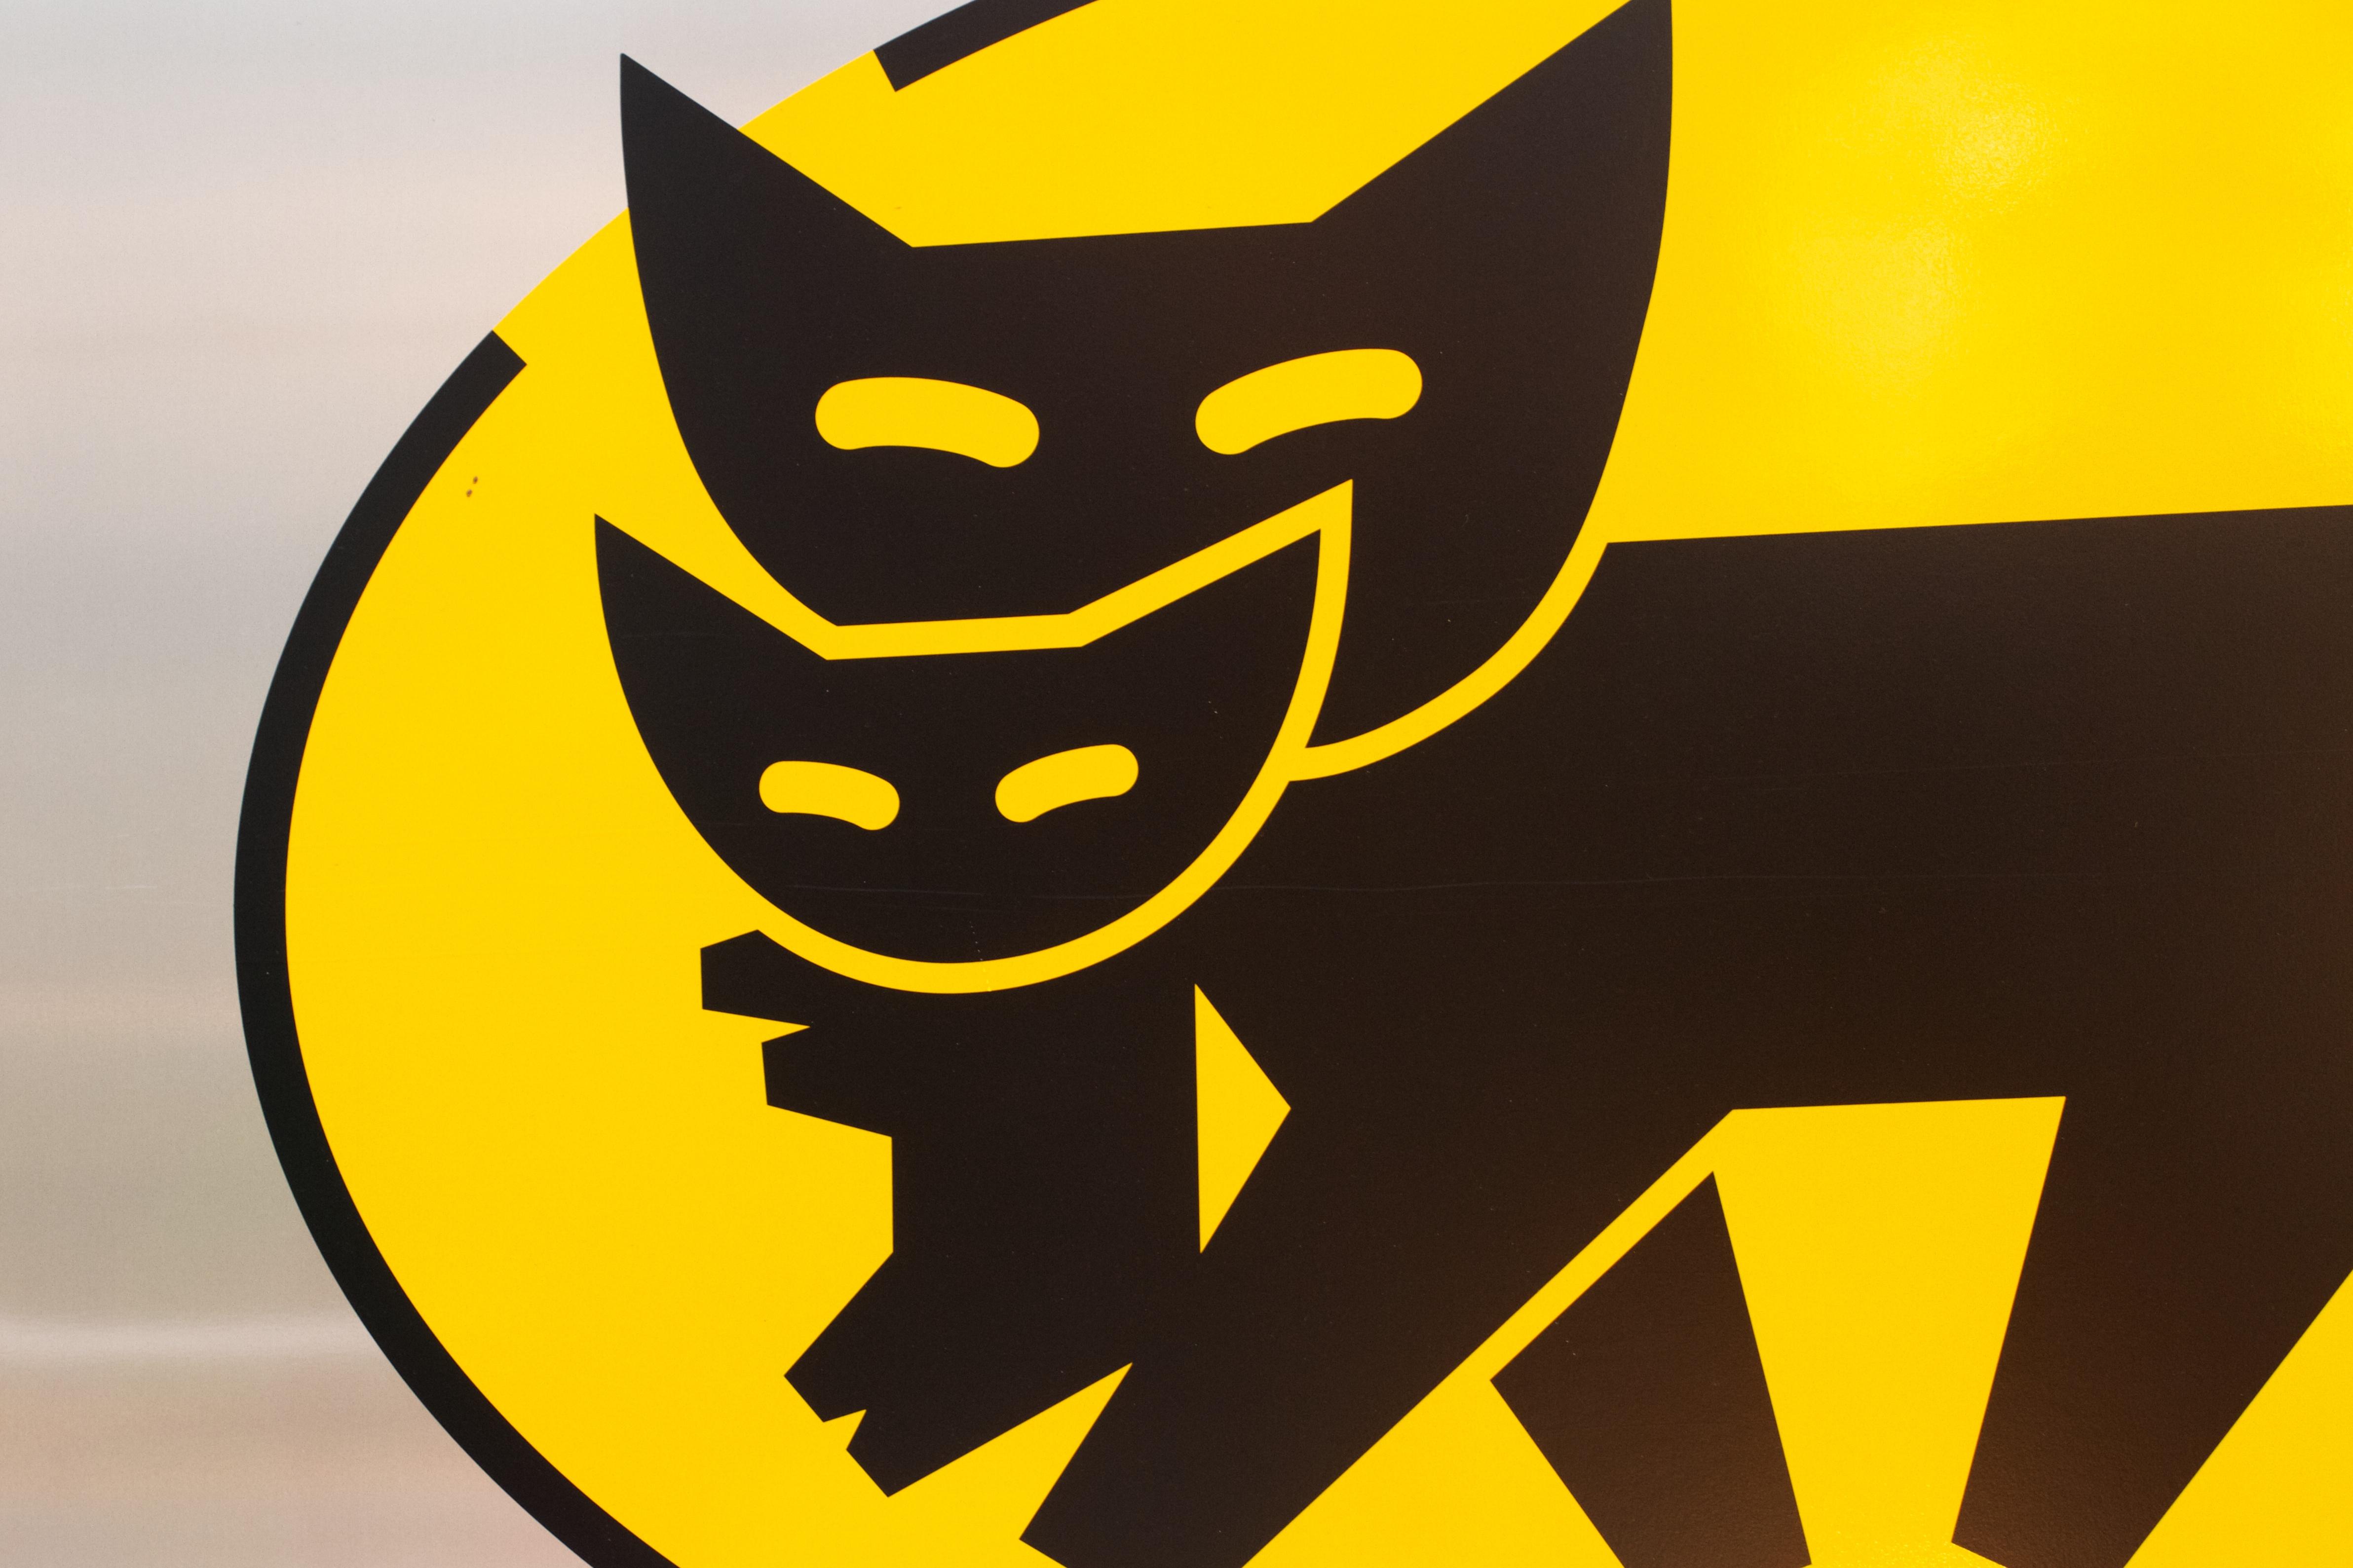 Gambar Kuning Fon Seni Ilustrasi Logo Gambar Kartun 4768x3178